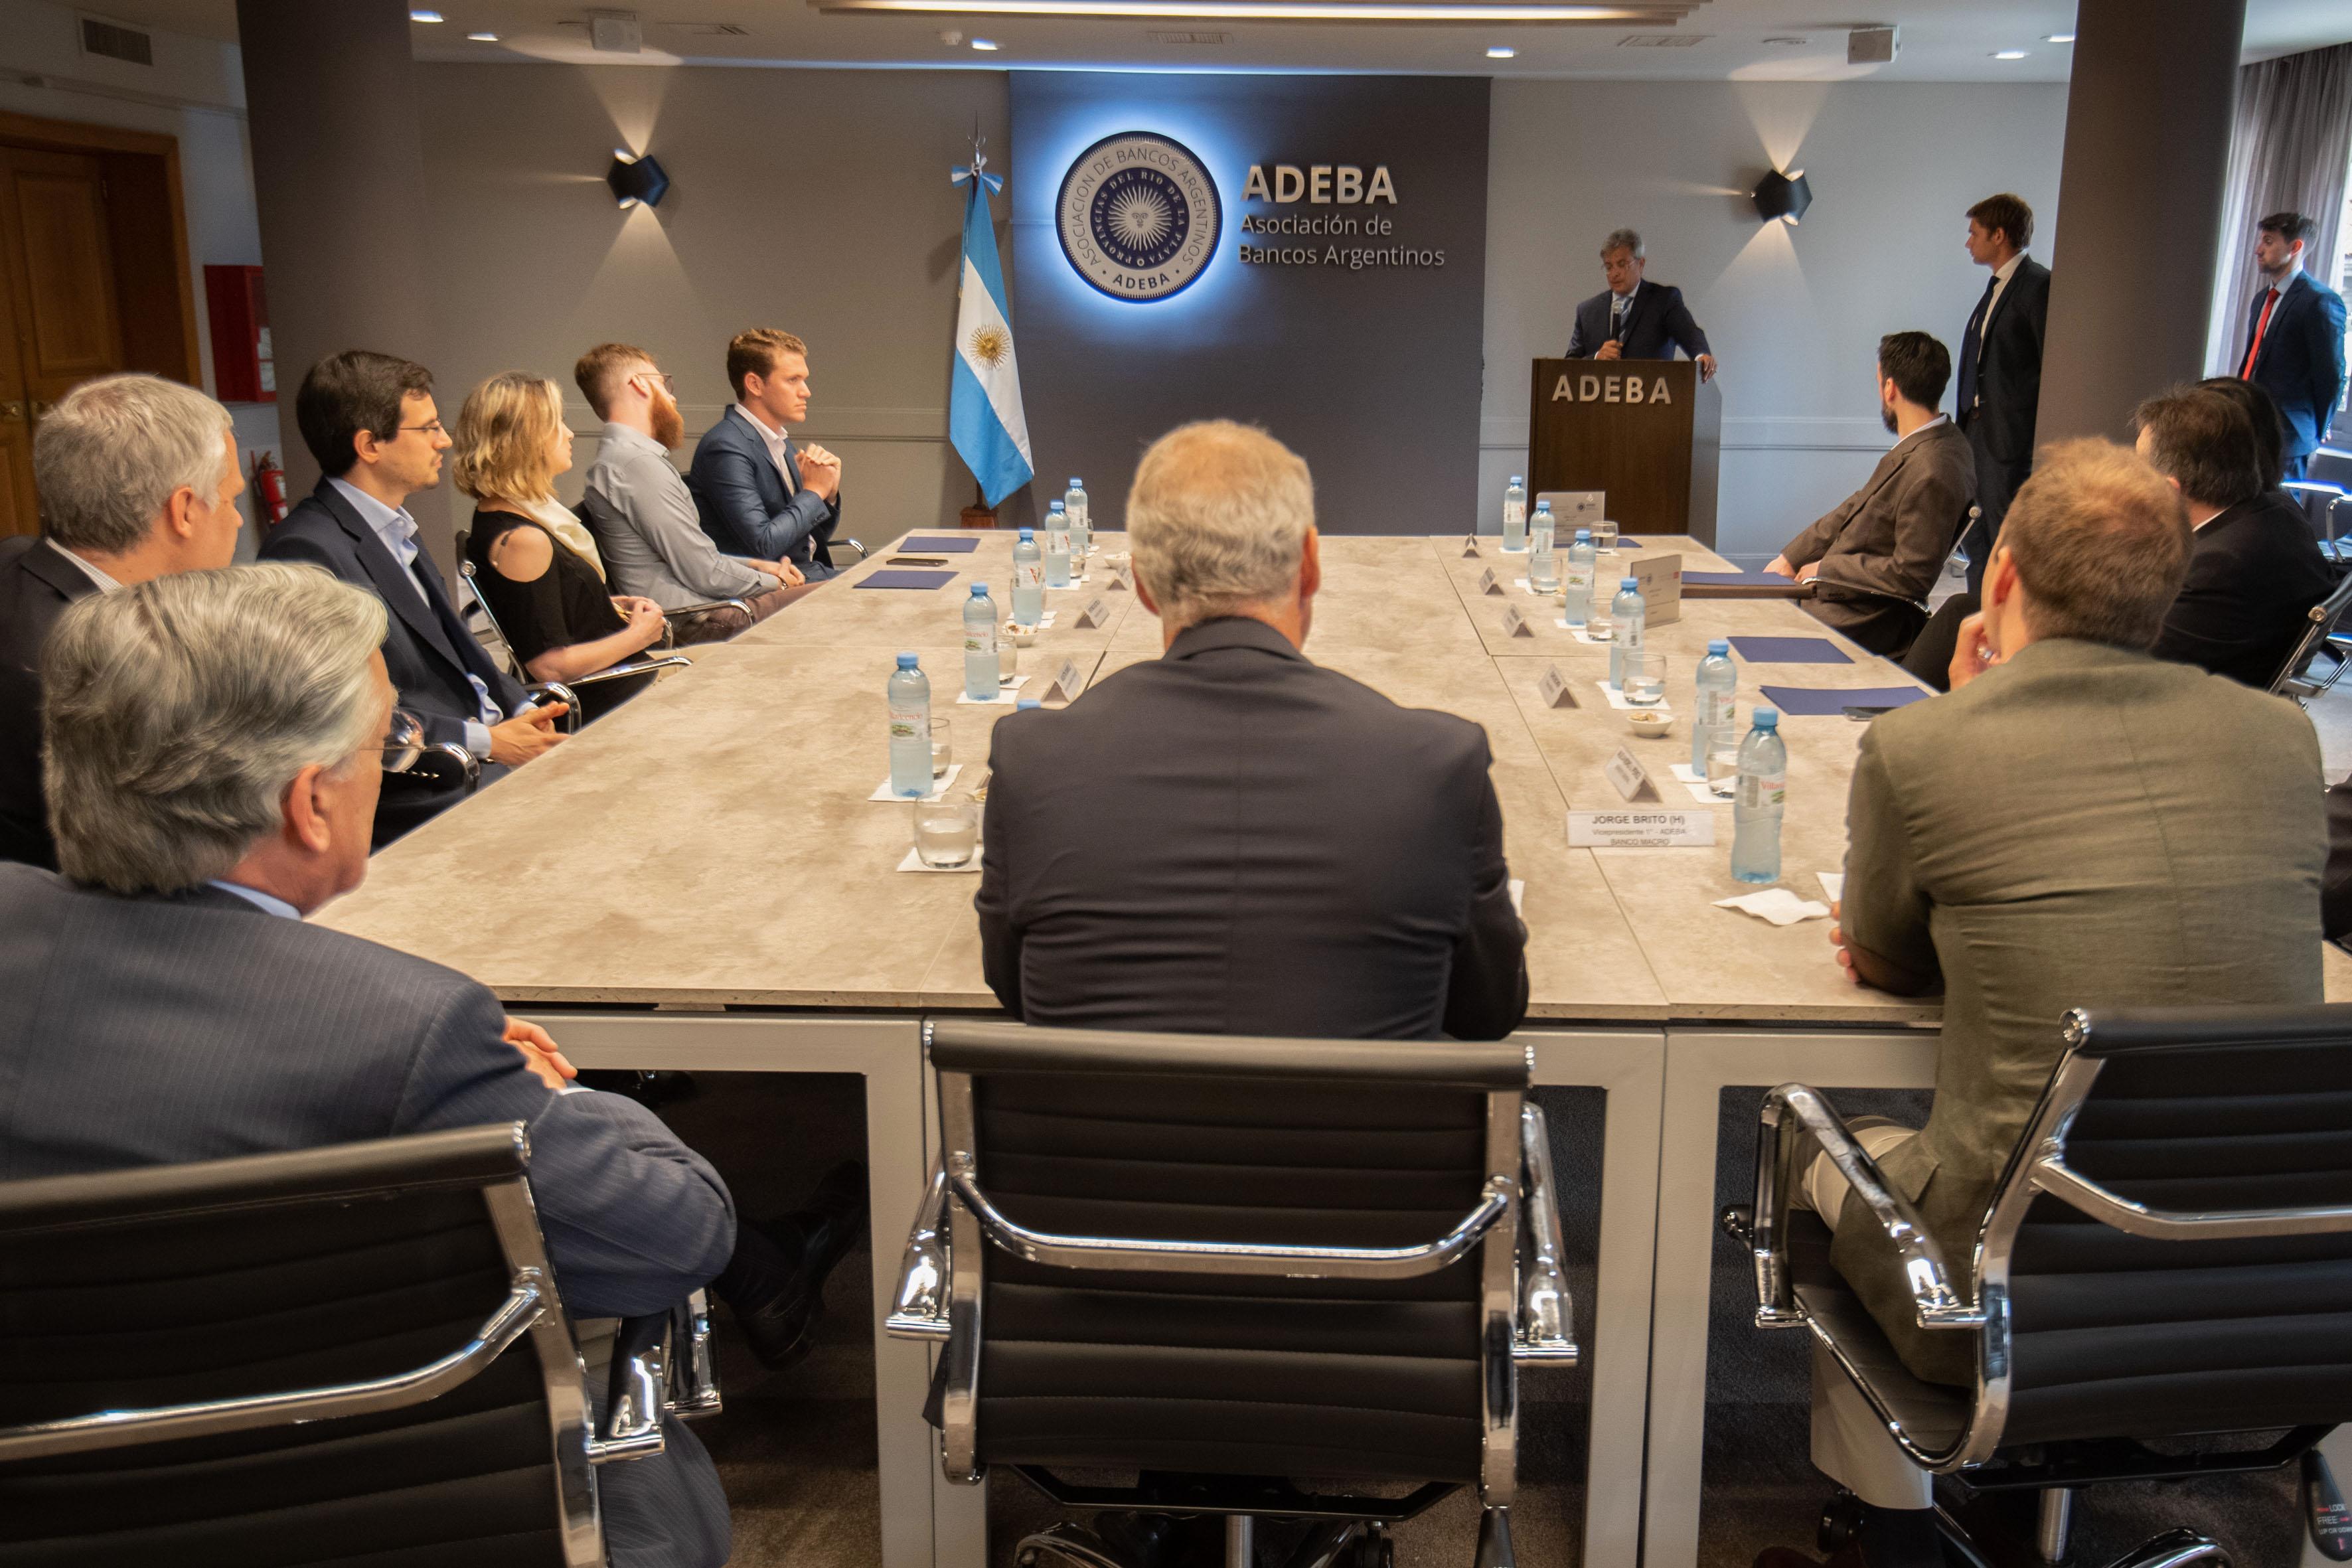 Flavio Buchieri, ganador del Premio ADEBA 2019 expone un resumen de su trabajo ante los otros ganadores, autoridades de ADEBA y del I+E